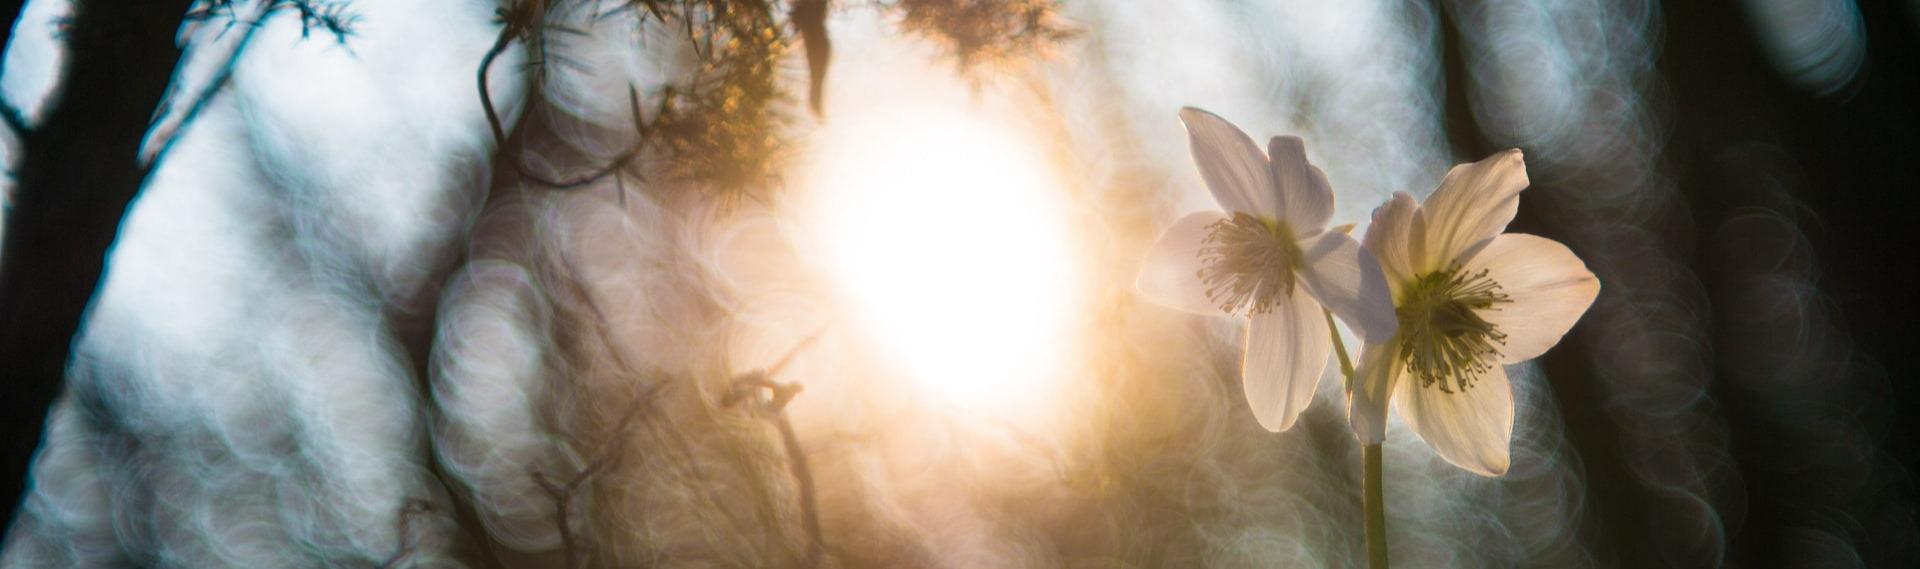 Impression d'optimisme dans un détail d'une clairière avec la lumière du soleil sur une fleur blanche